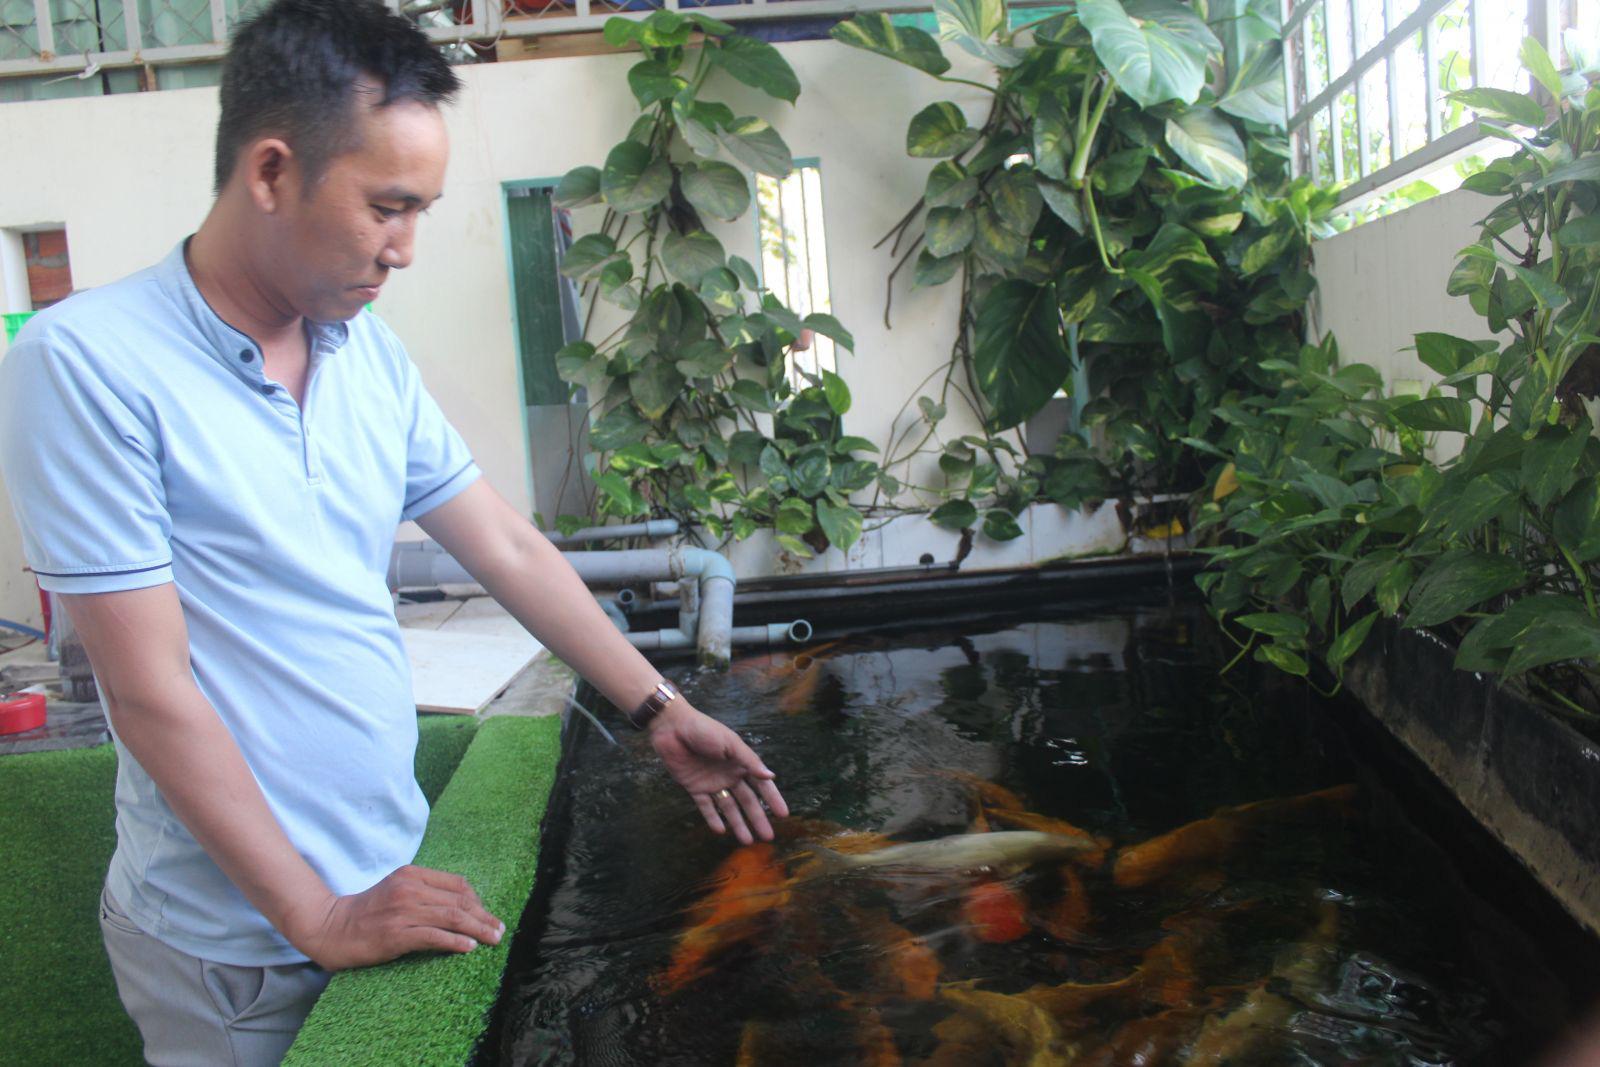 Long An: Nuôi thú cưng, cá kiểng độc, lạ-trào lưu sôi nổi  - Ảnh 1.